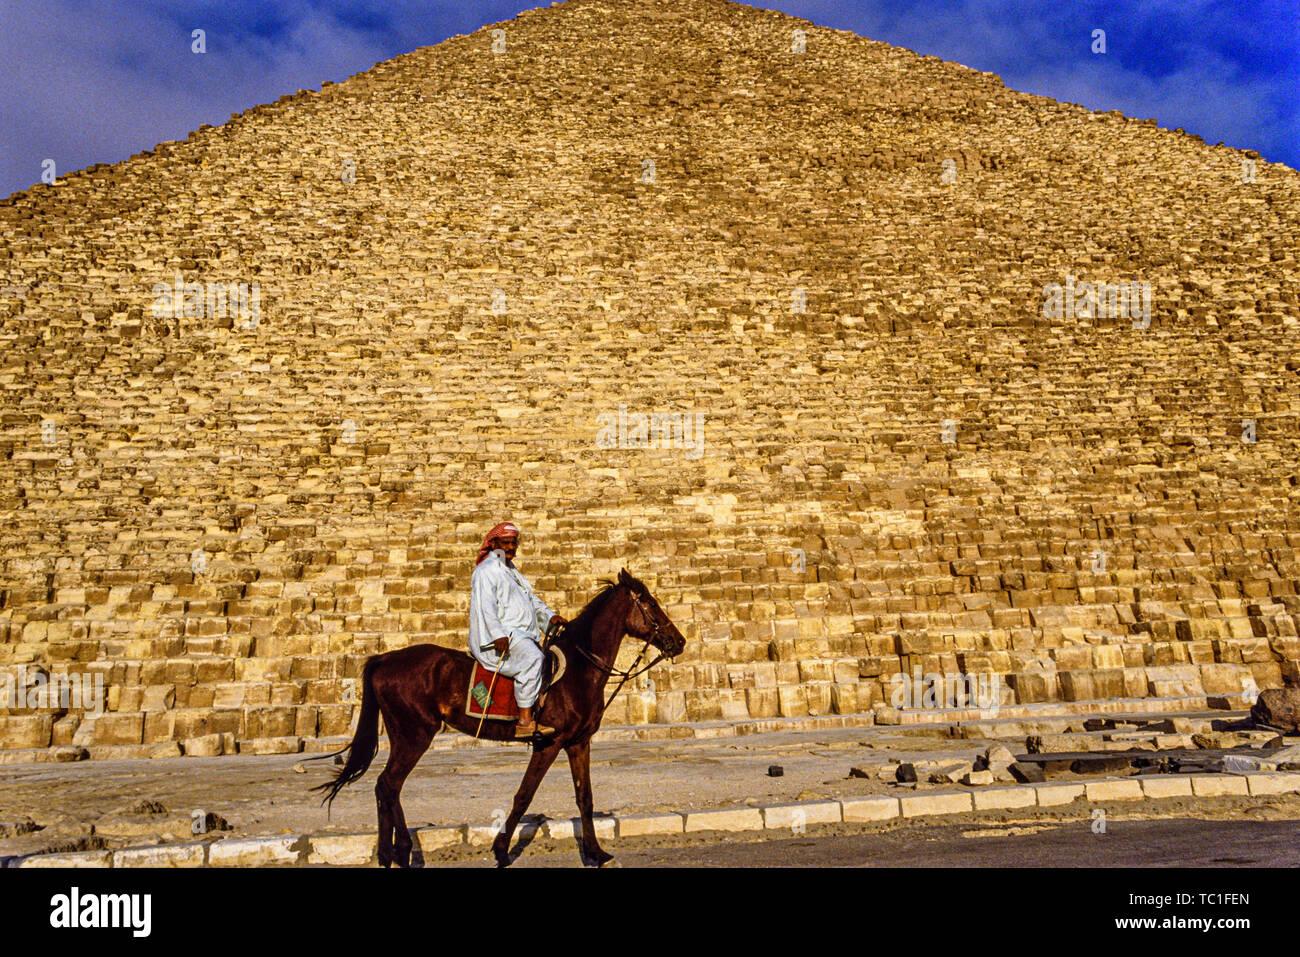 Foto: © Simon Grosset. La Pirámide de Giza, complejos o necrópolis de Giza, cerca de El Cairo, Egipto. Un hombre monta un caballo delante de la Gran Pirámide de Giza, oh Foto de stock